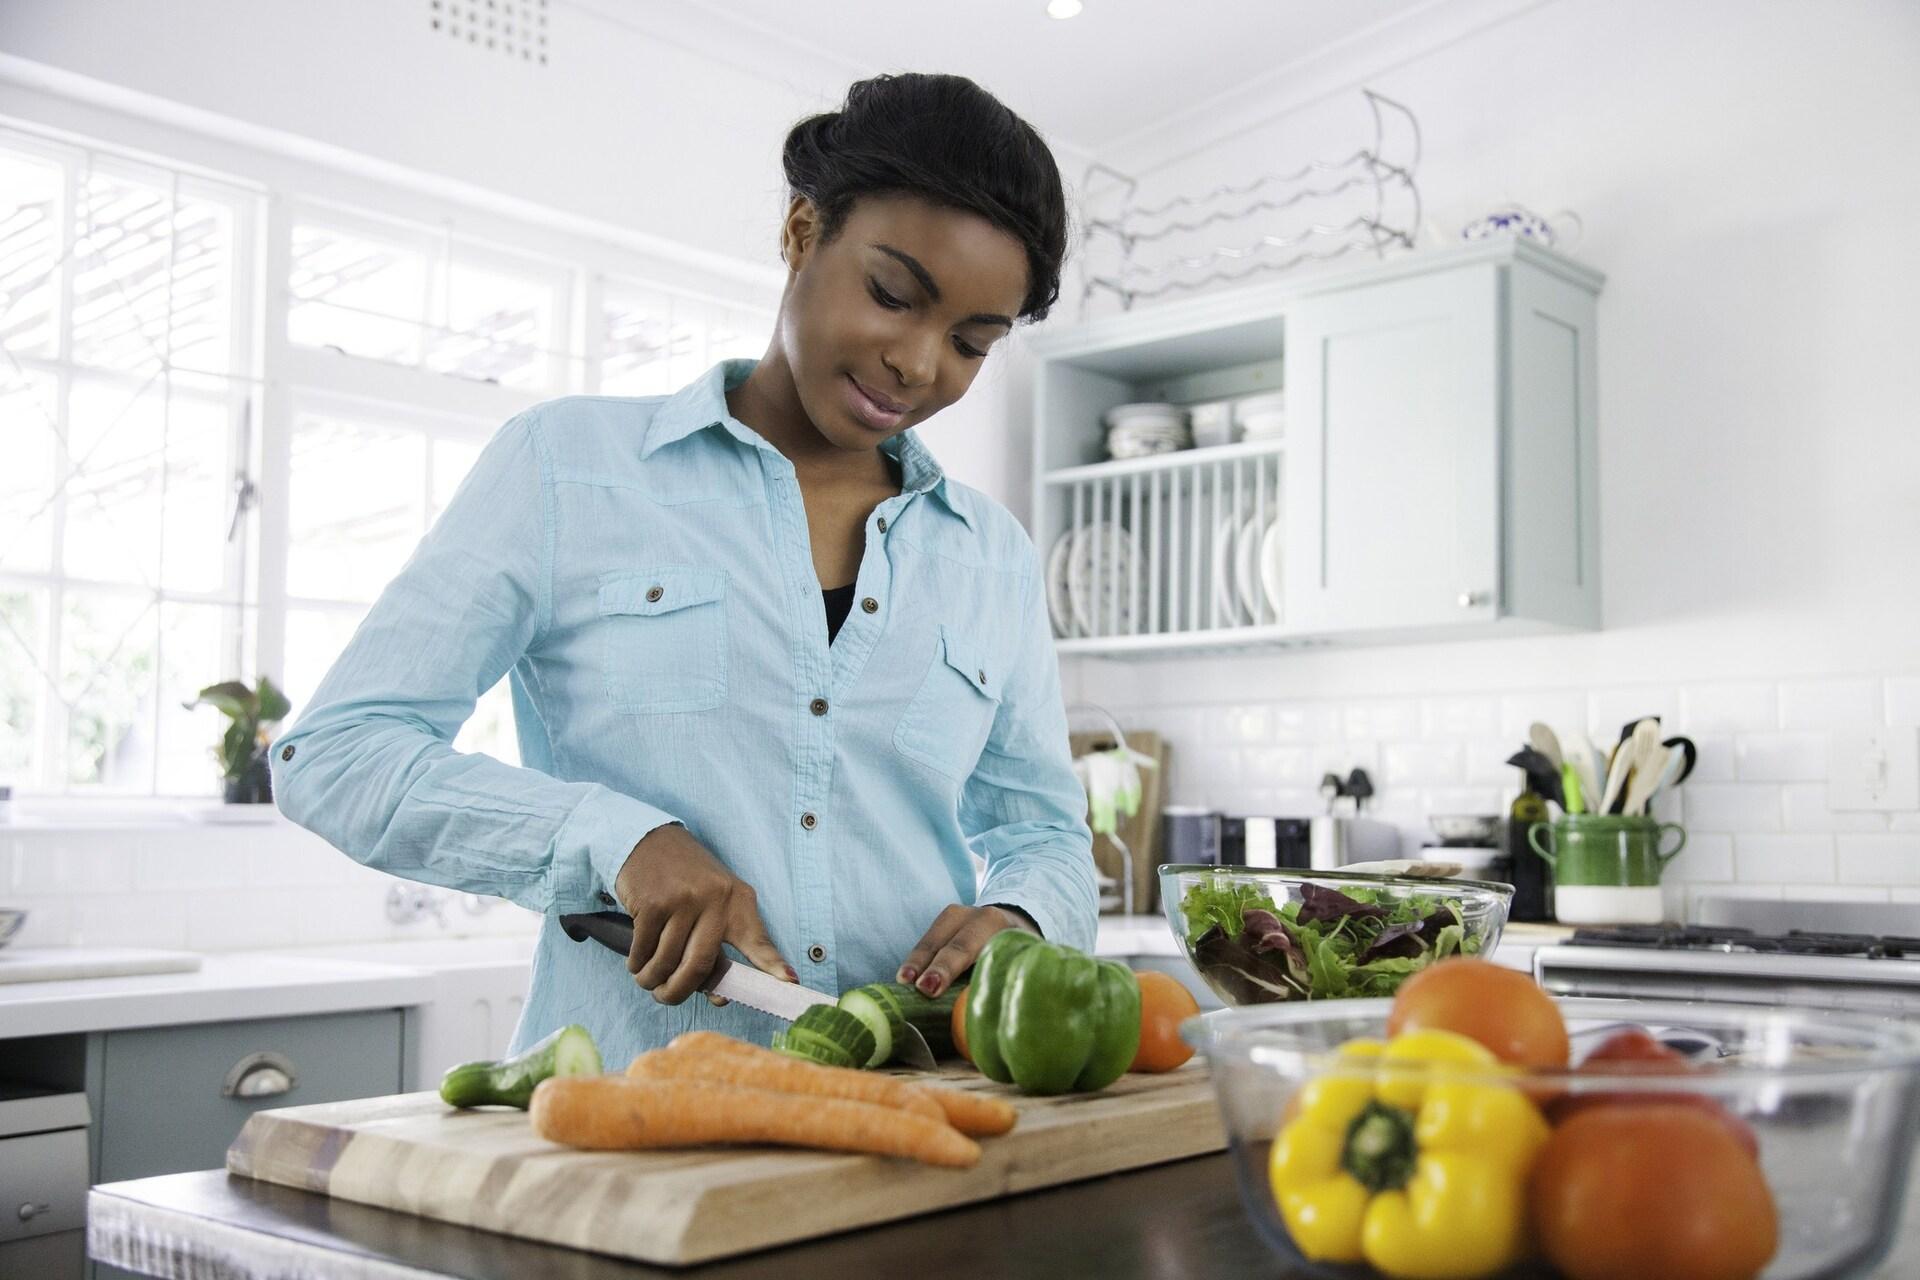 Mulher cozinhando com alimentos saudáveis